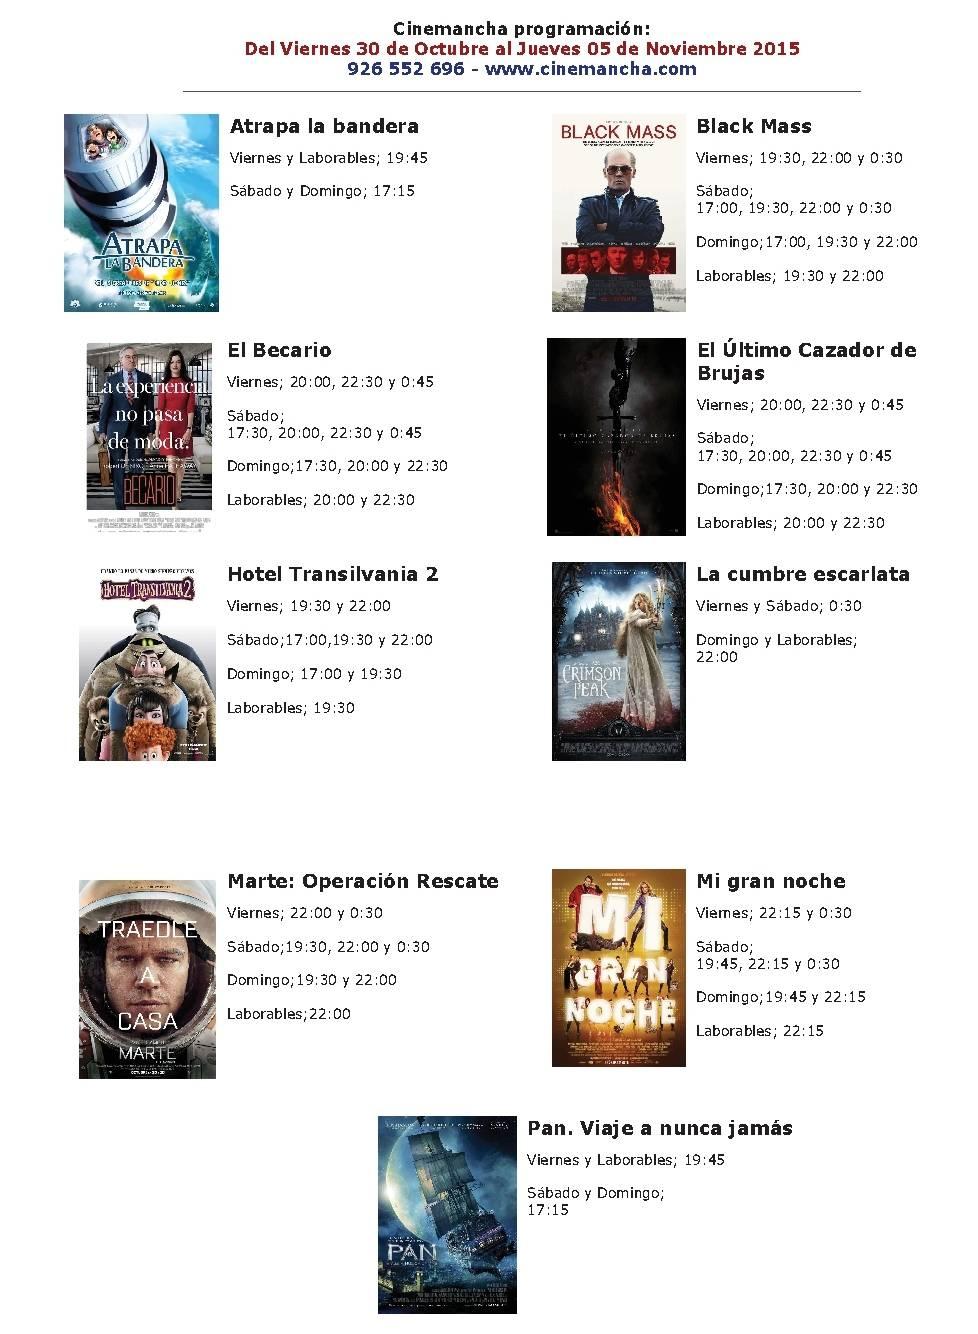 CARTELERA DE CINEMANCHA DEL 30 10 AL 05 11 - Cinemancha programación: Del Viernes 30 al 5 de Noviembre